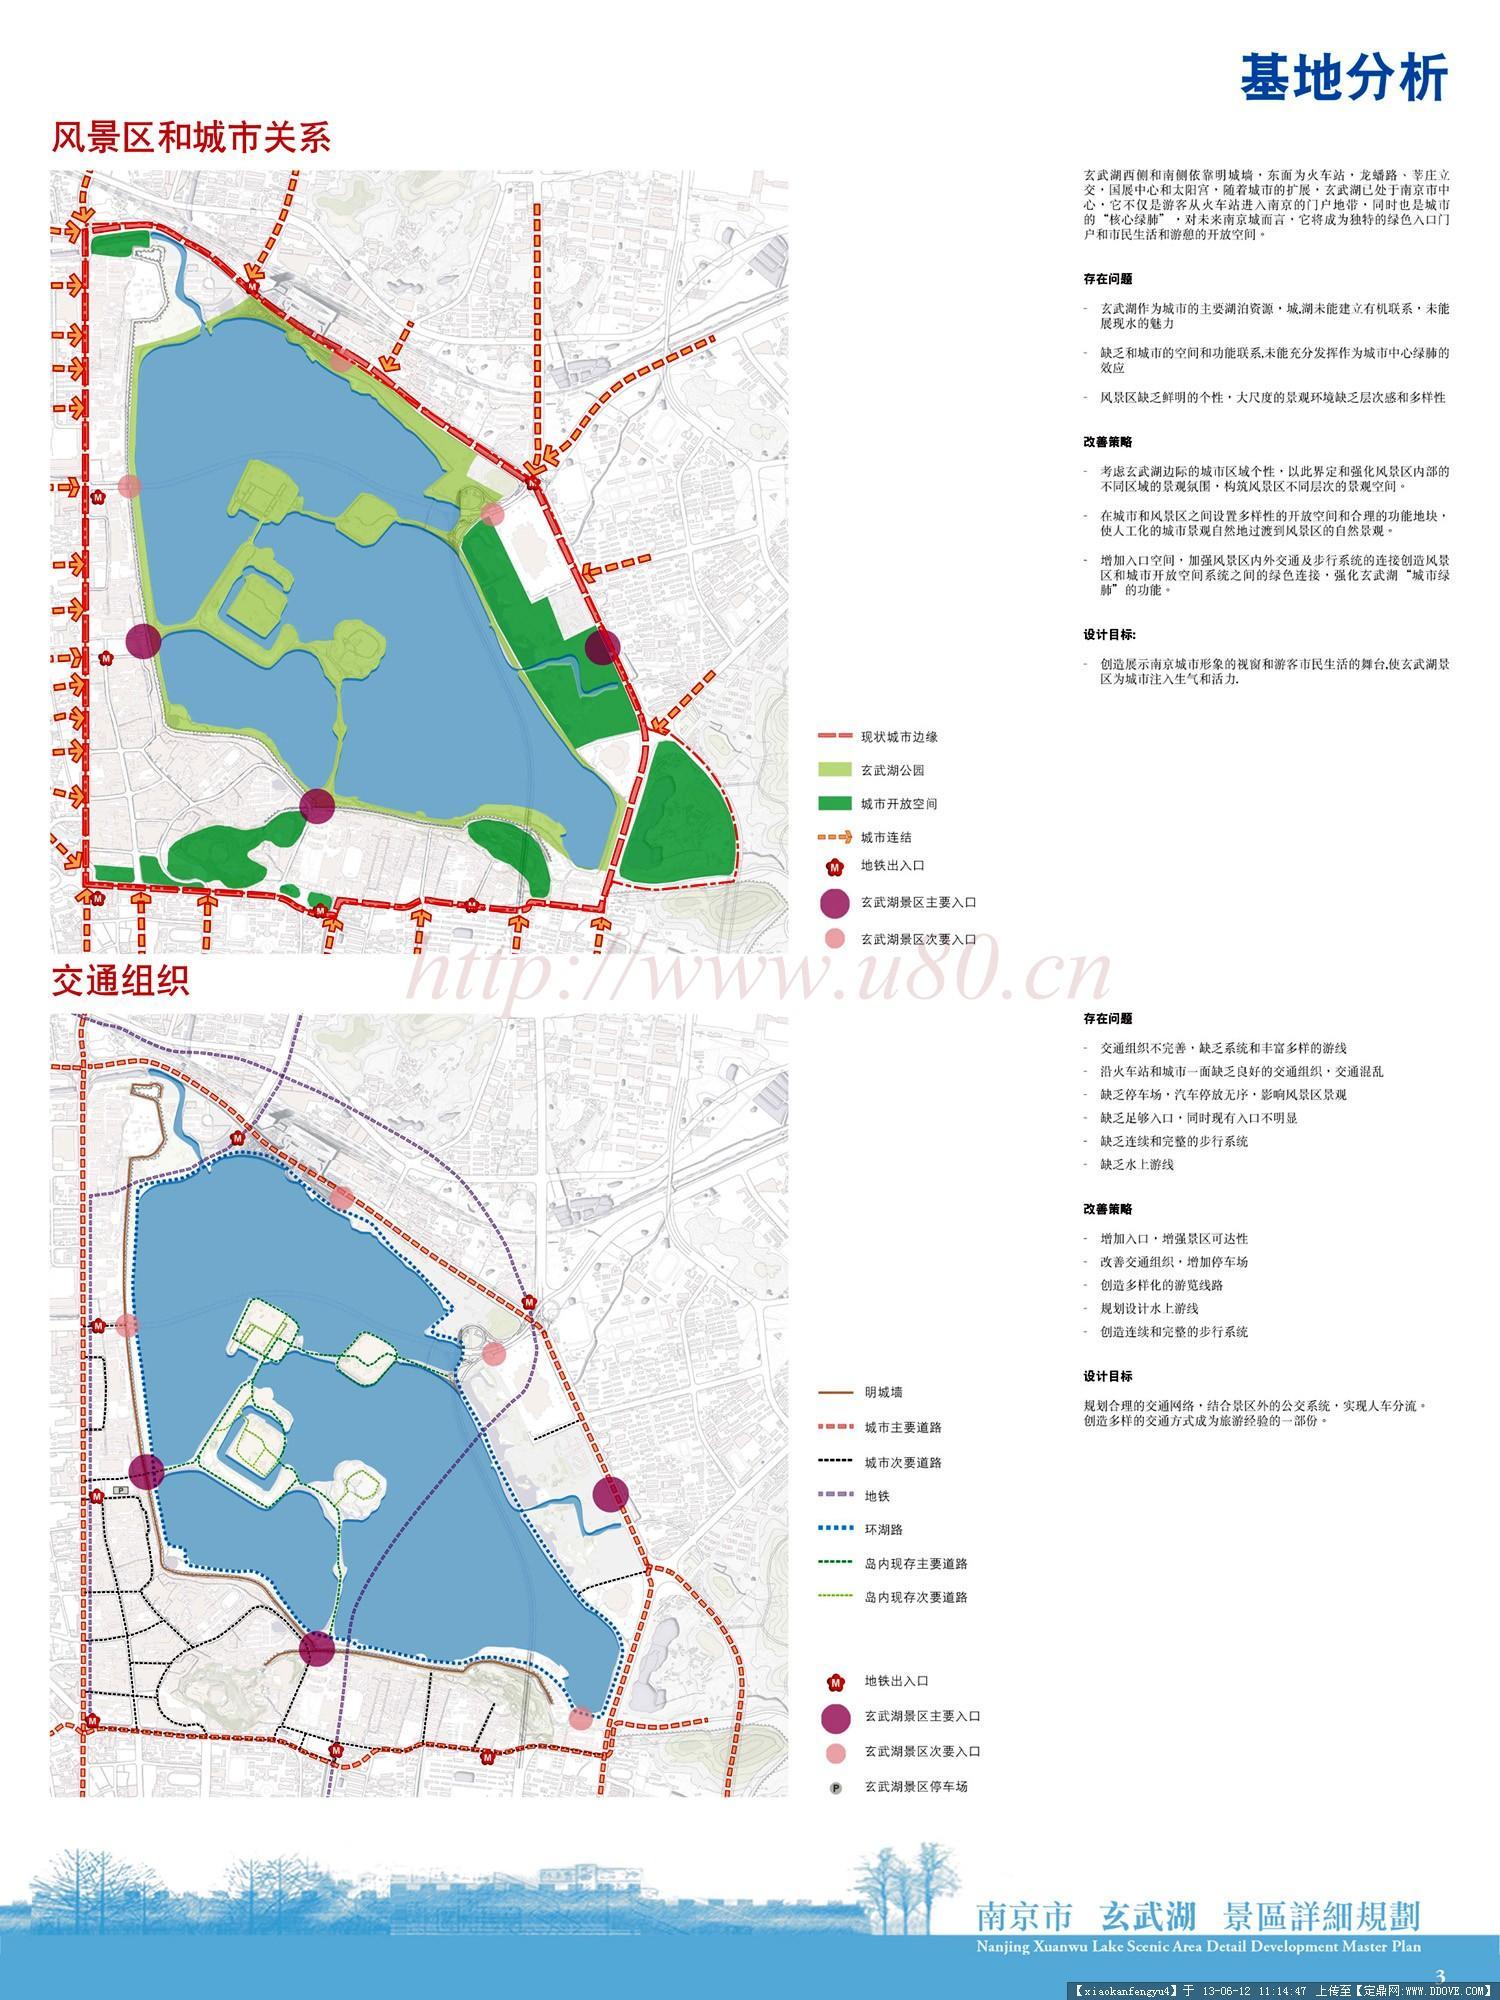 景观规划案例(南京玄武湖景区详细规划)-xwh04.